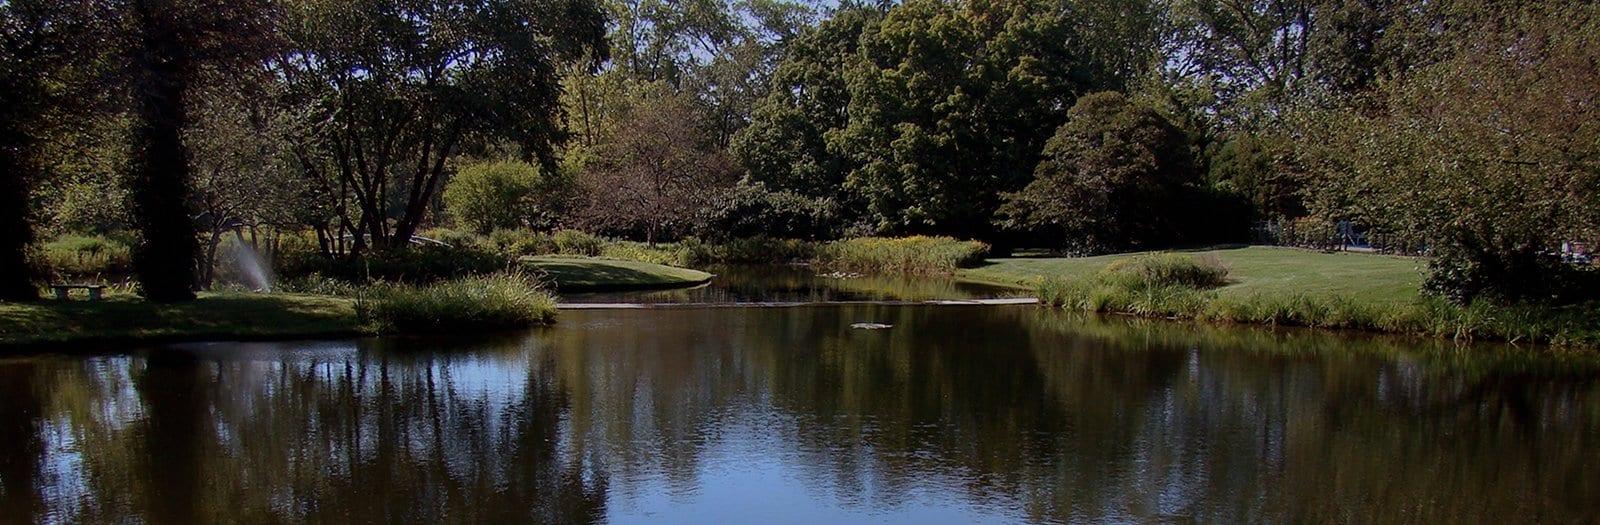 Water garden banner